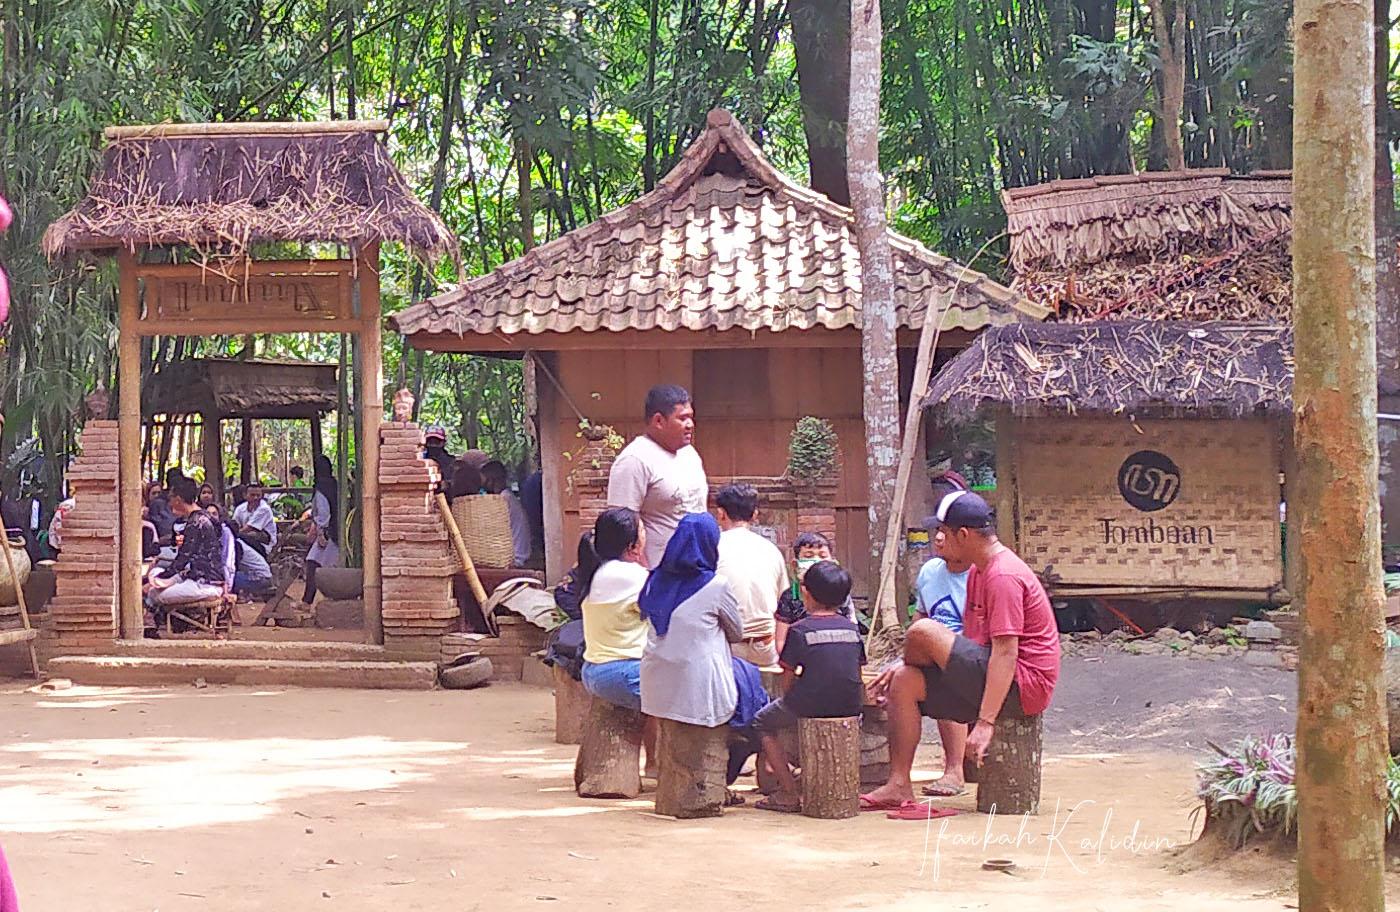 Patirtaan Ngawonggo